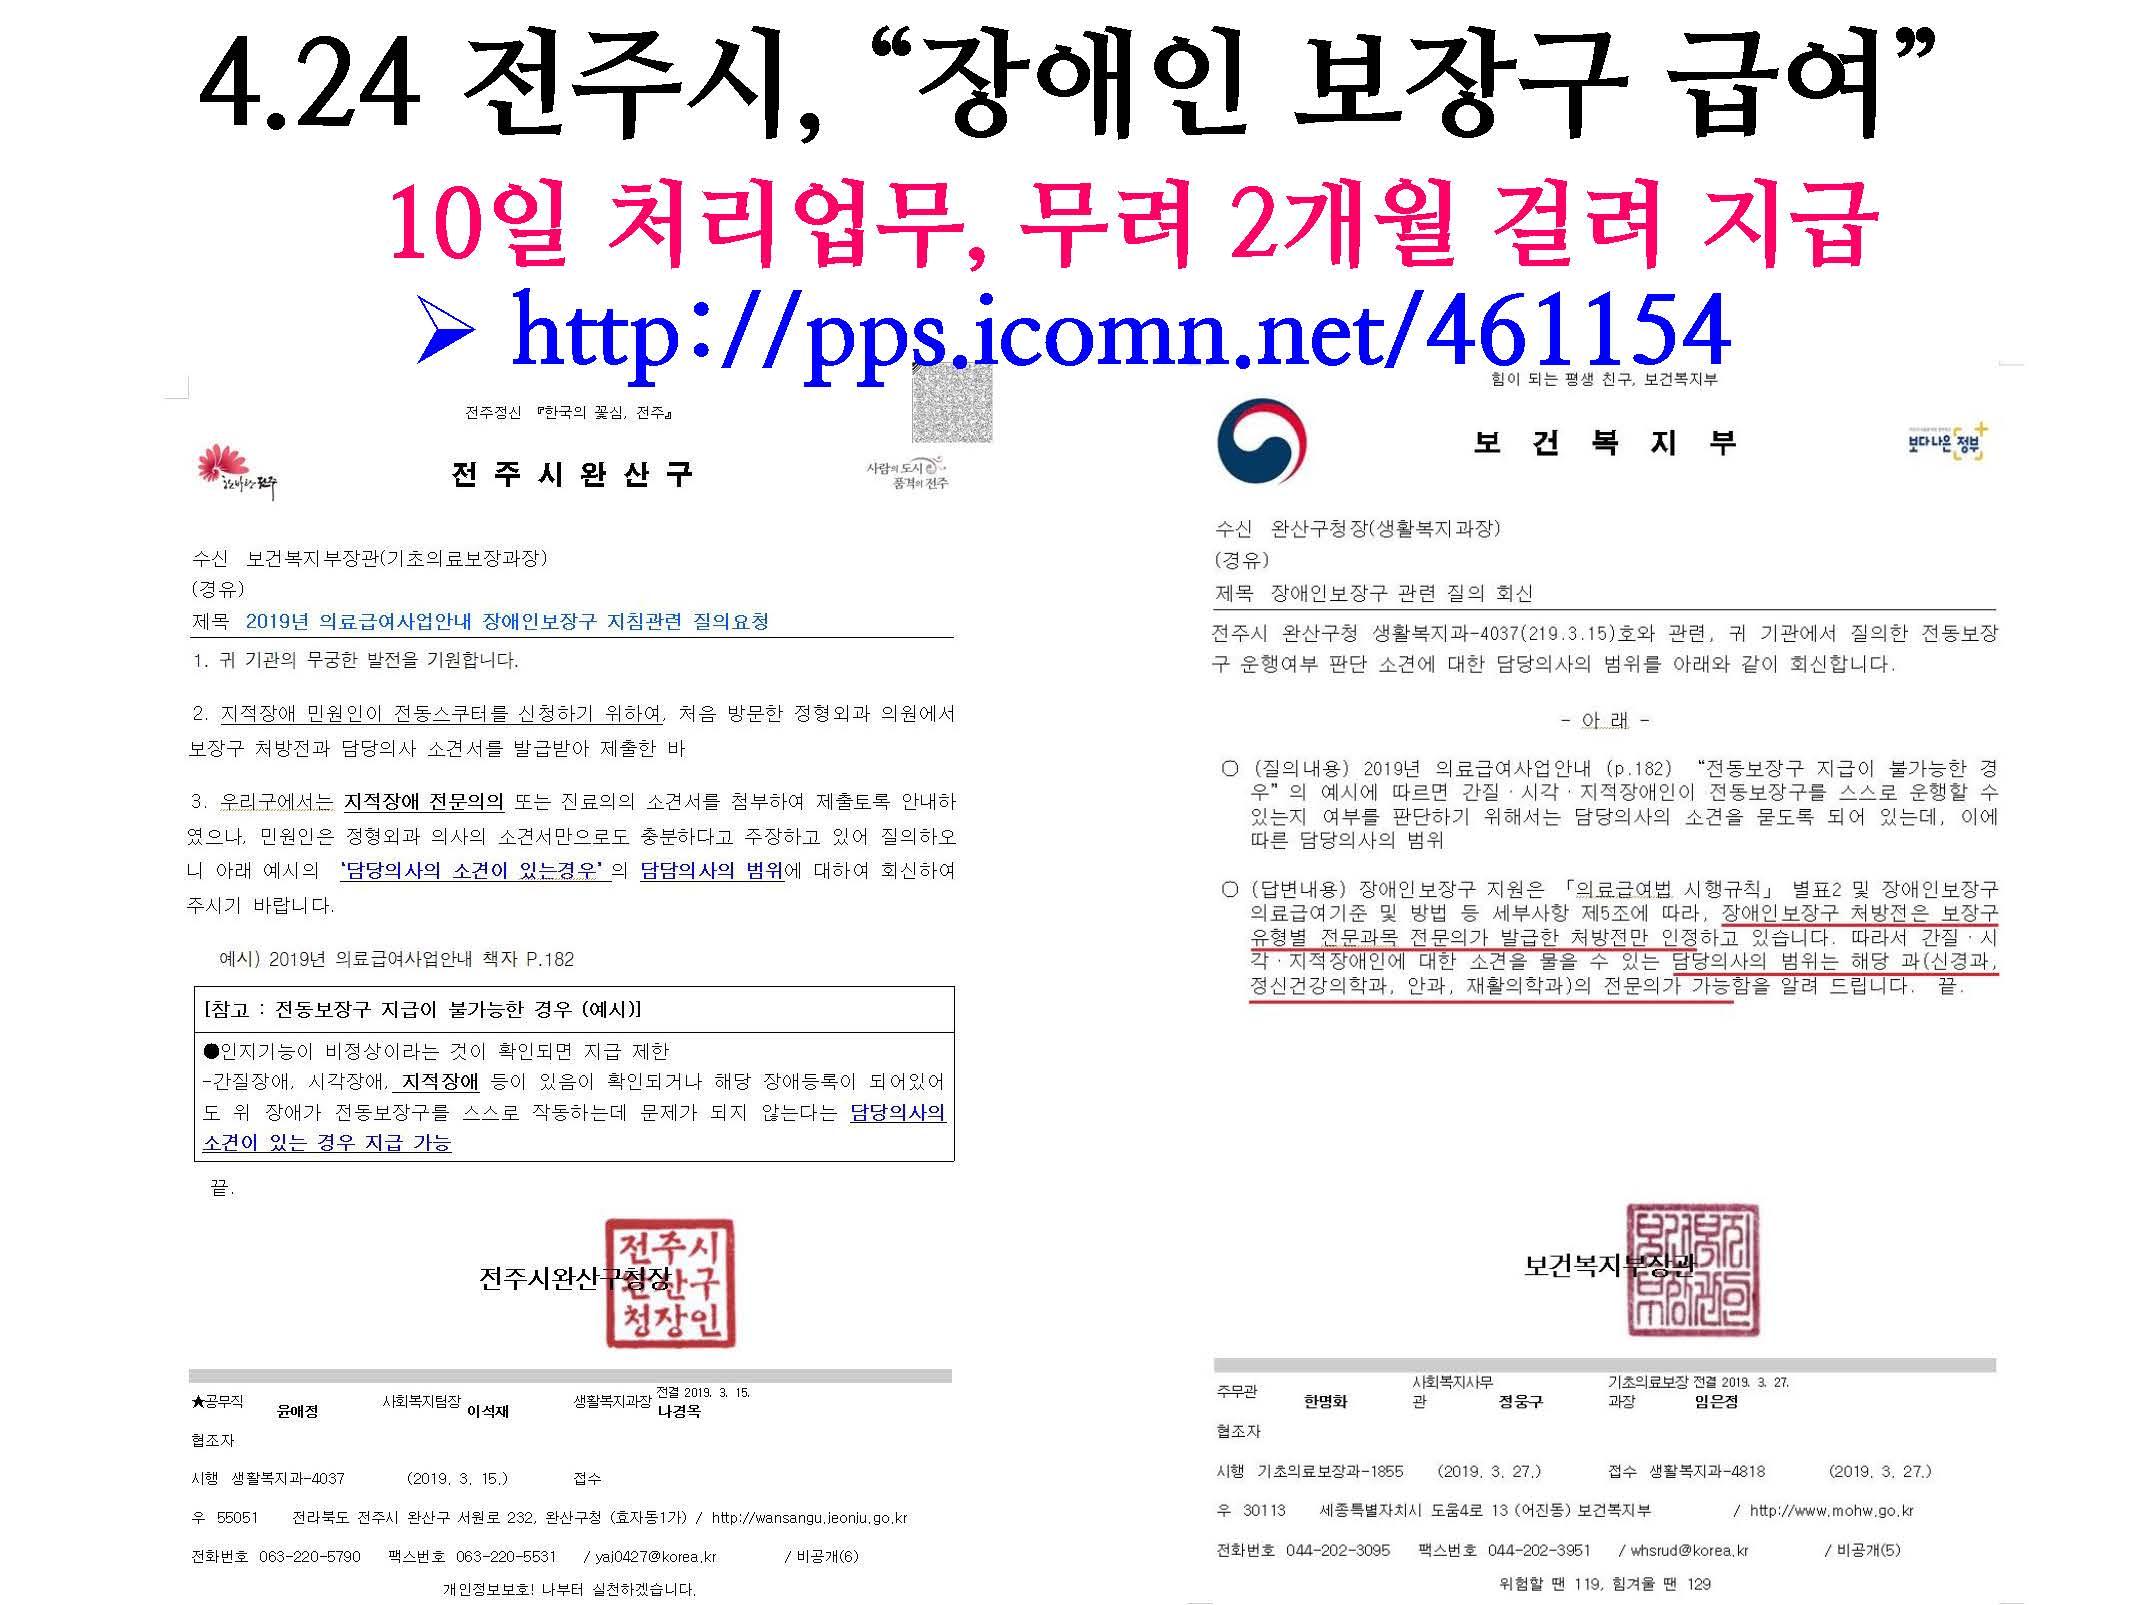 2019년 평화주민사랑방 활동 및 결산보고(PDF)_페이지_26.jpg